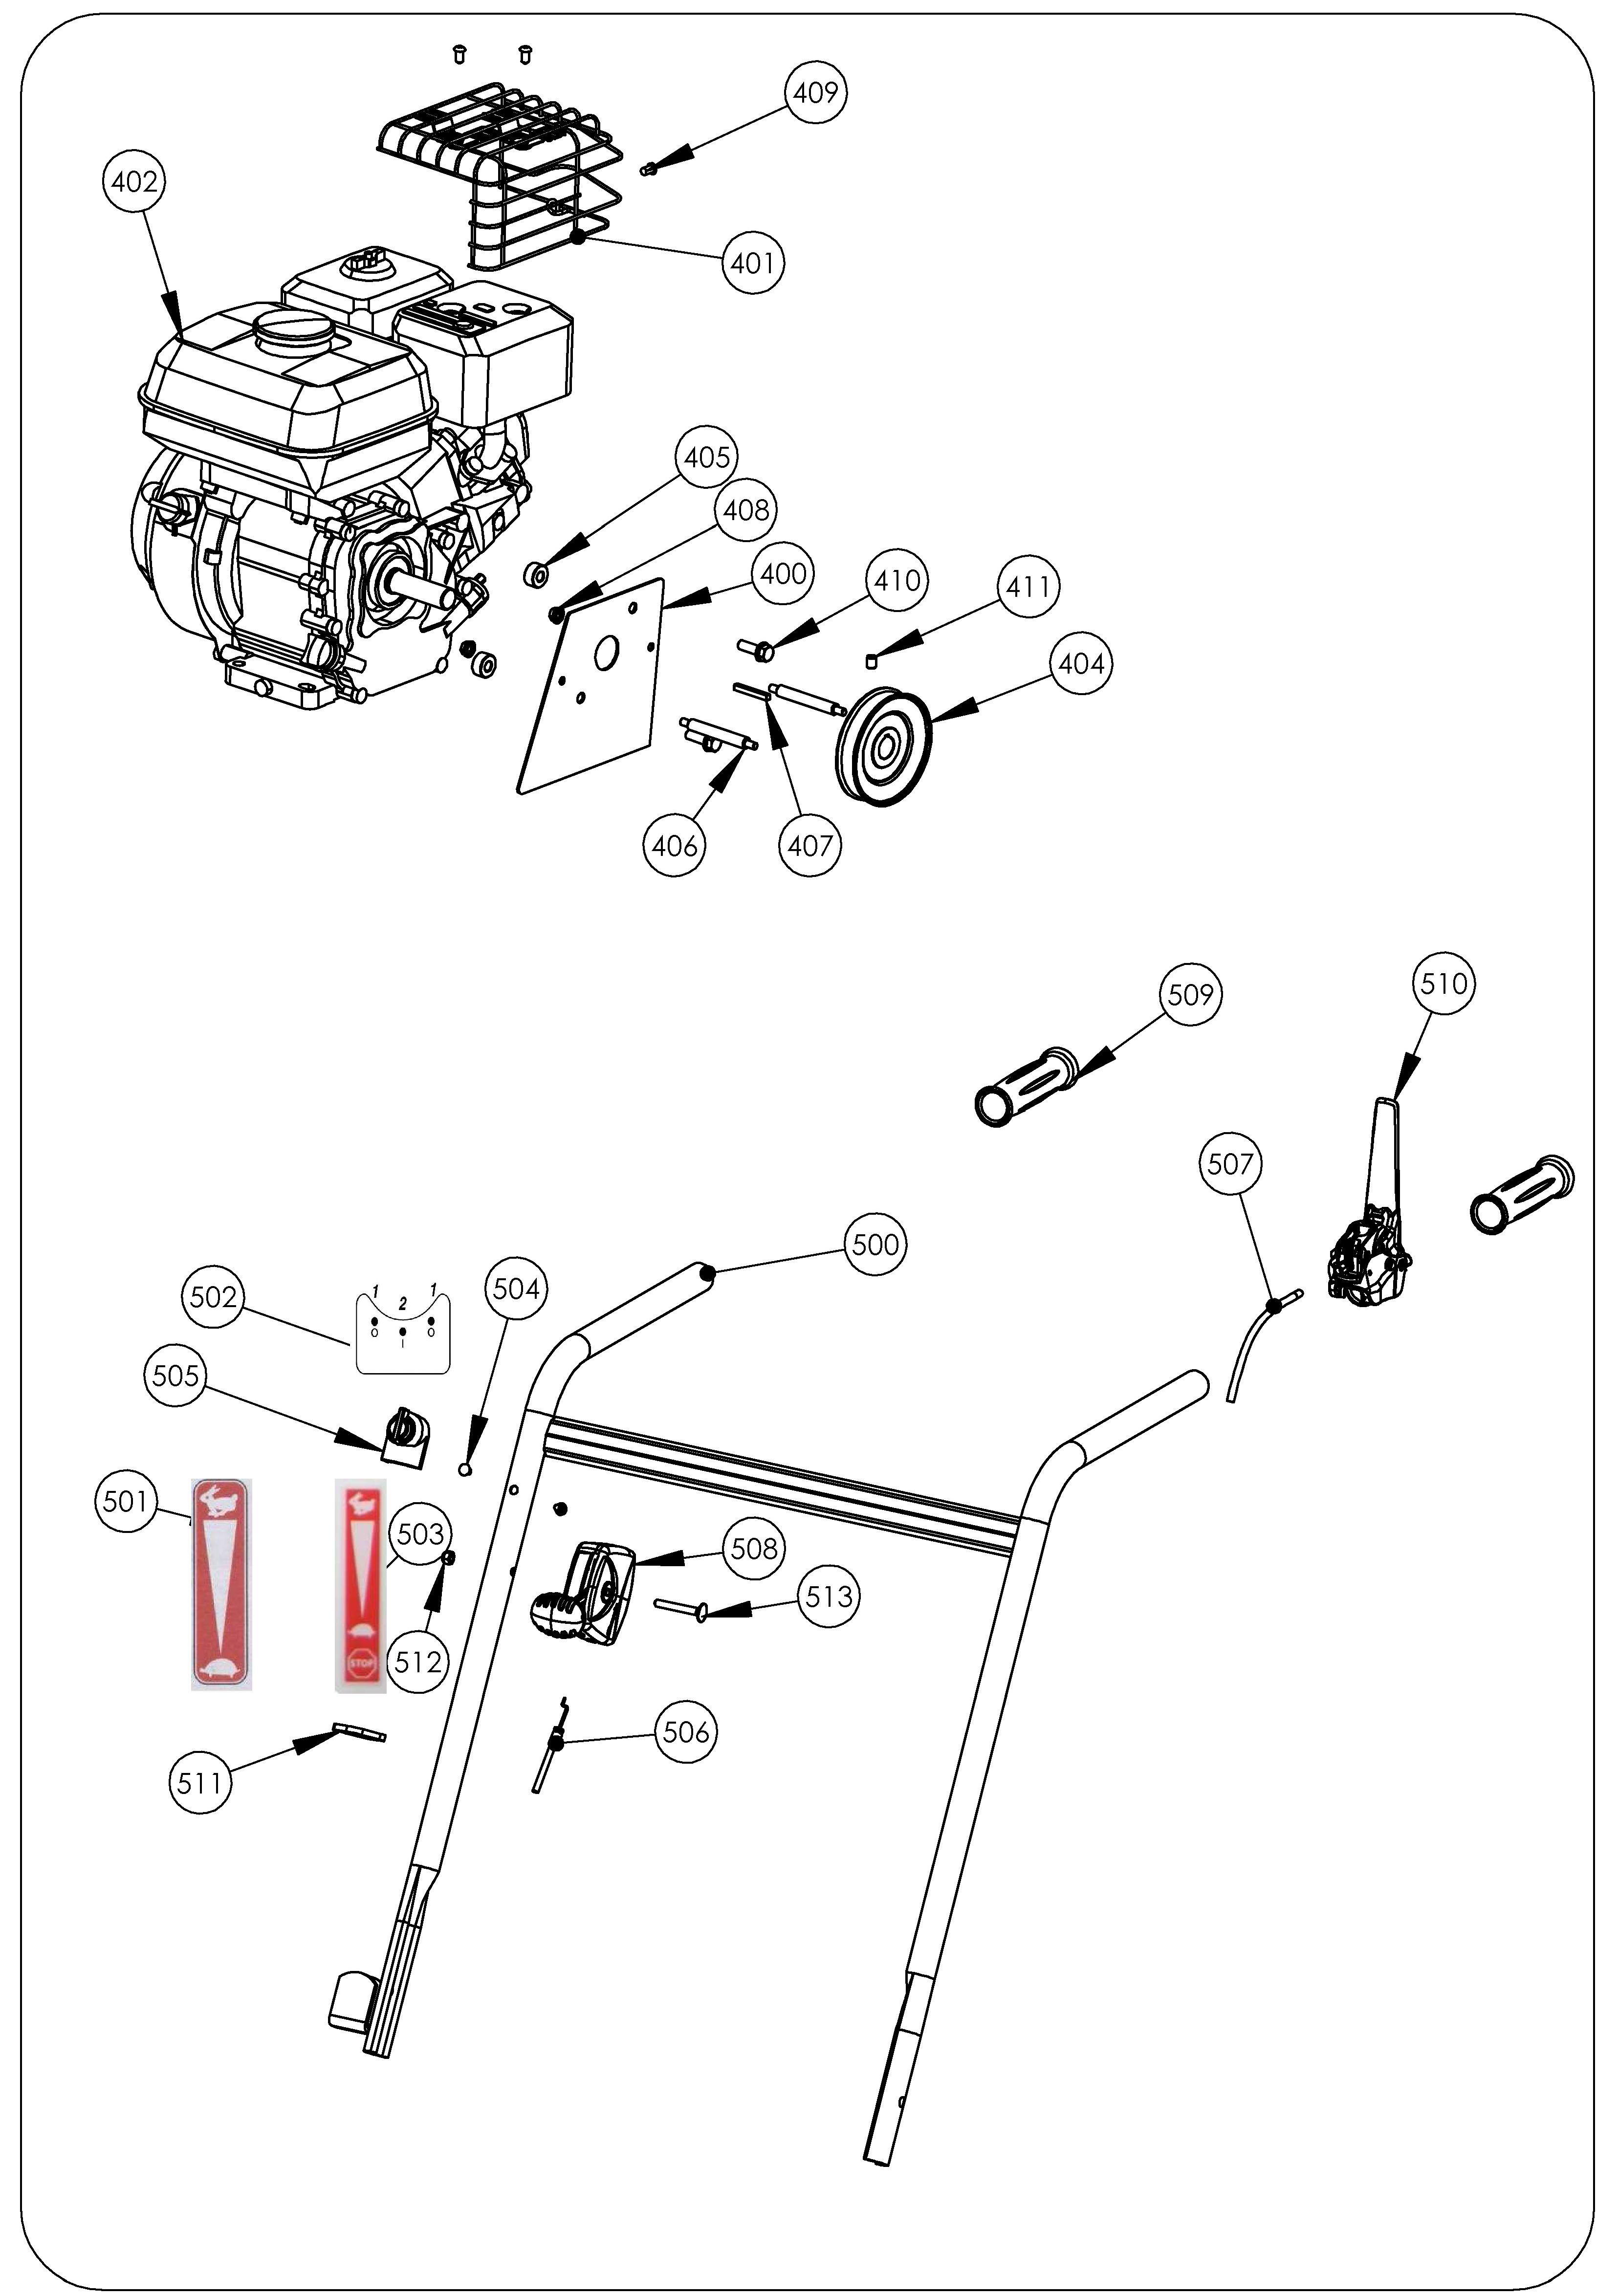 SCA 40 version 2011 Scarificateur OLEOMAC vue éclatée Dessins pièces -  Guidon